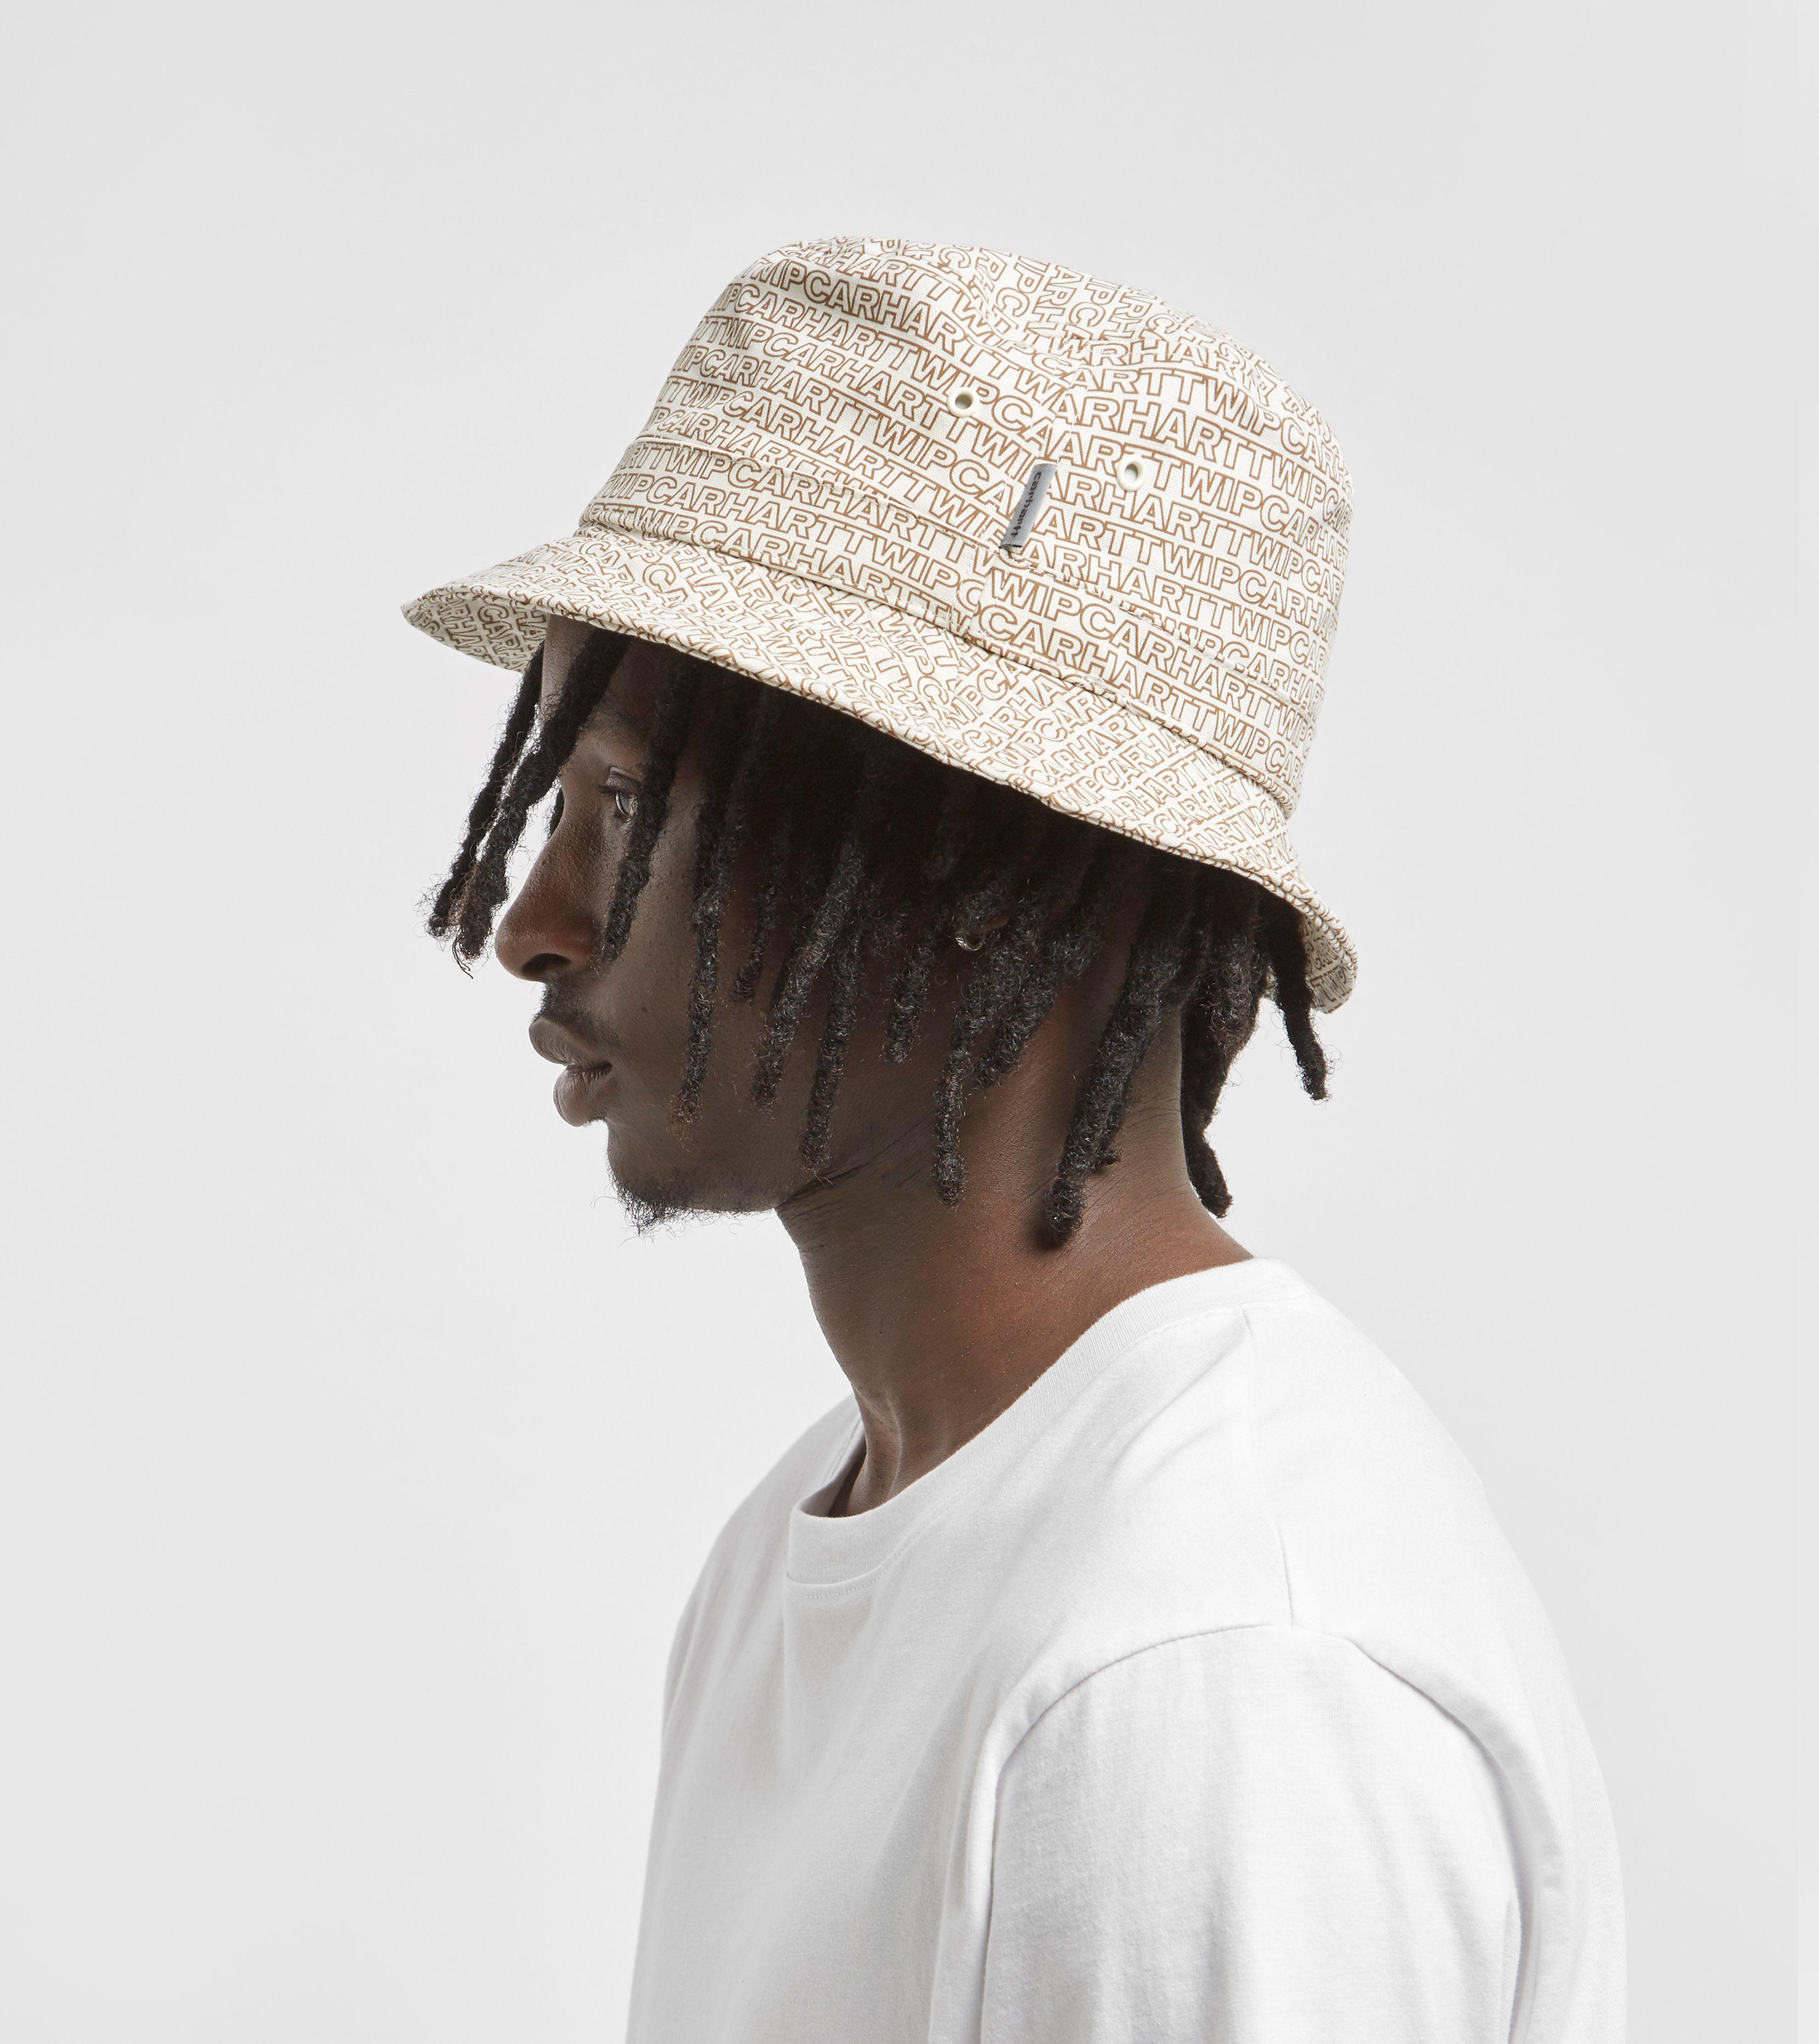 Carhartt WIP Typo Bucket Hat